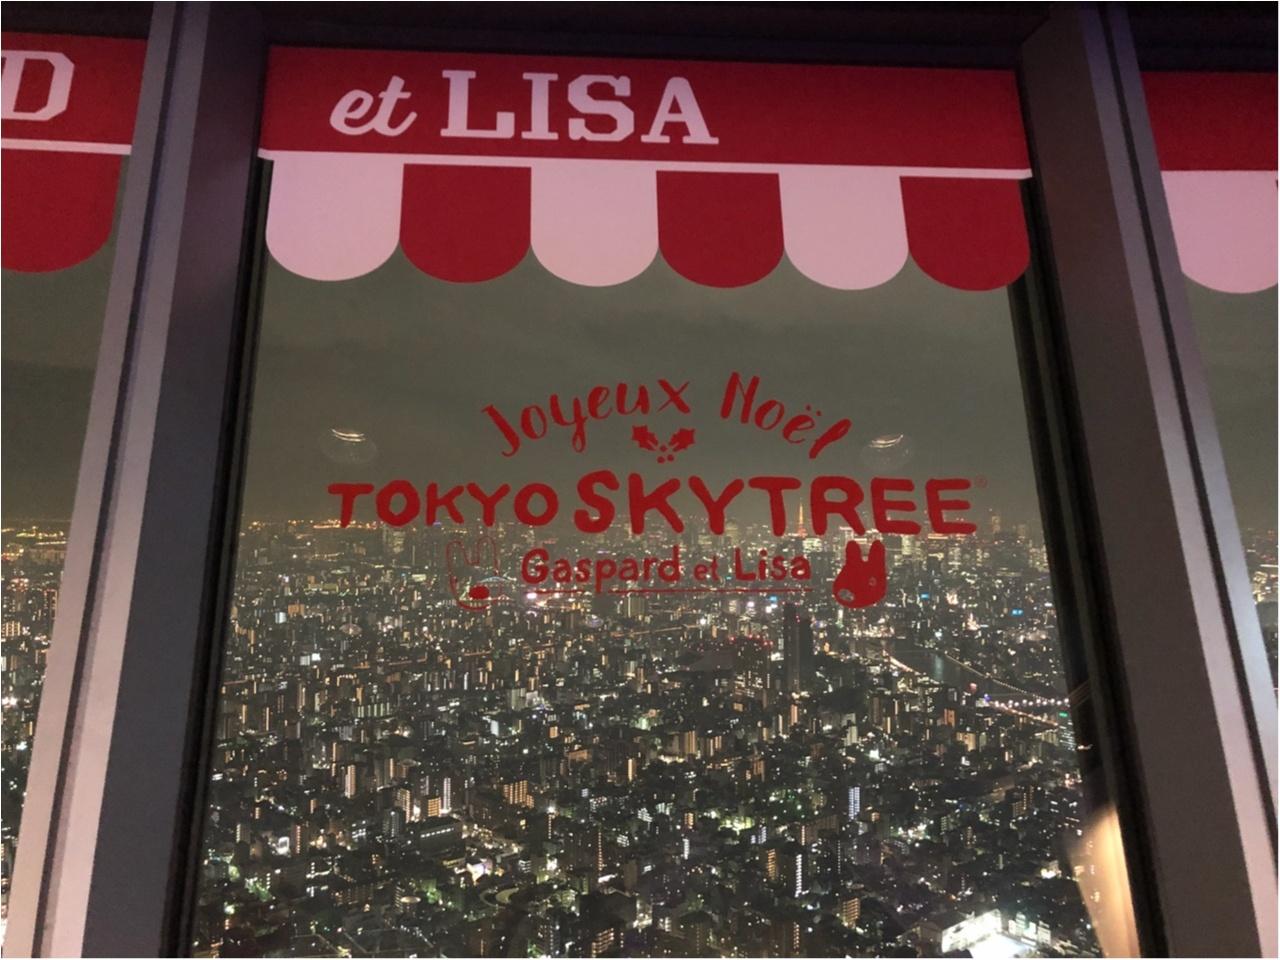 東京スカイツリー展望デッキで夜景とともに『リサとガスパール』のコラボクリスマス!!_2